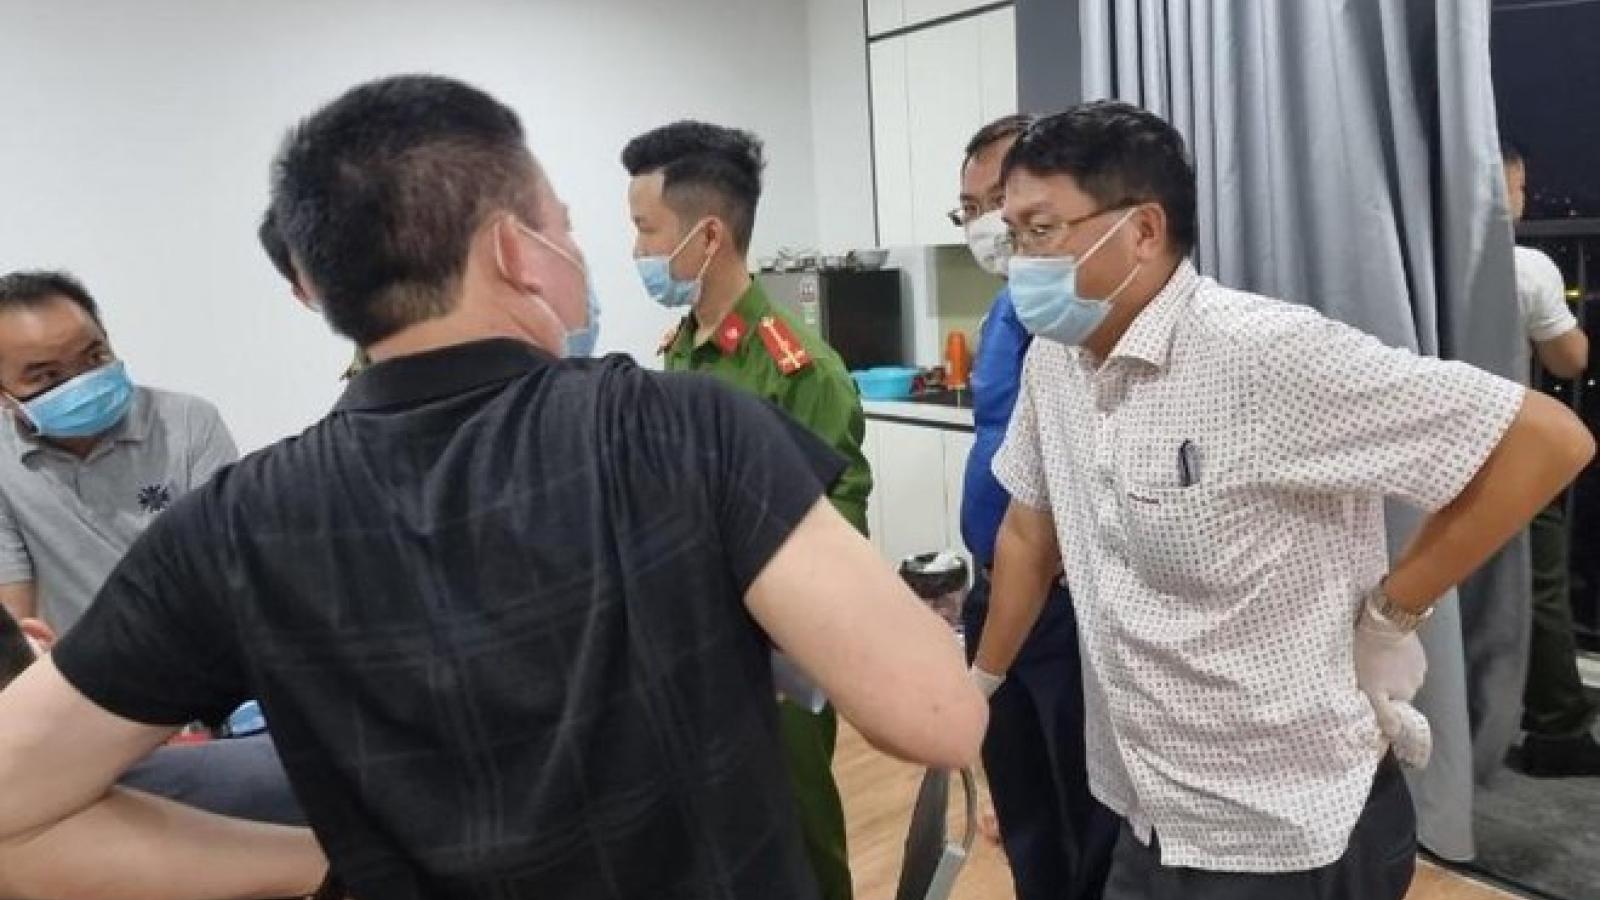 Hơn 10 người Trung Quốc nhập cảnh trái phép cố thủ trong căn hộ ở Hà Nội